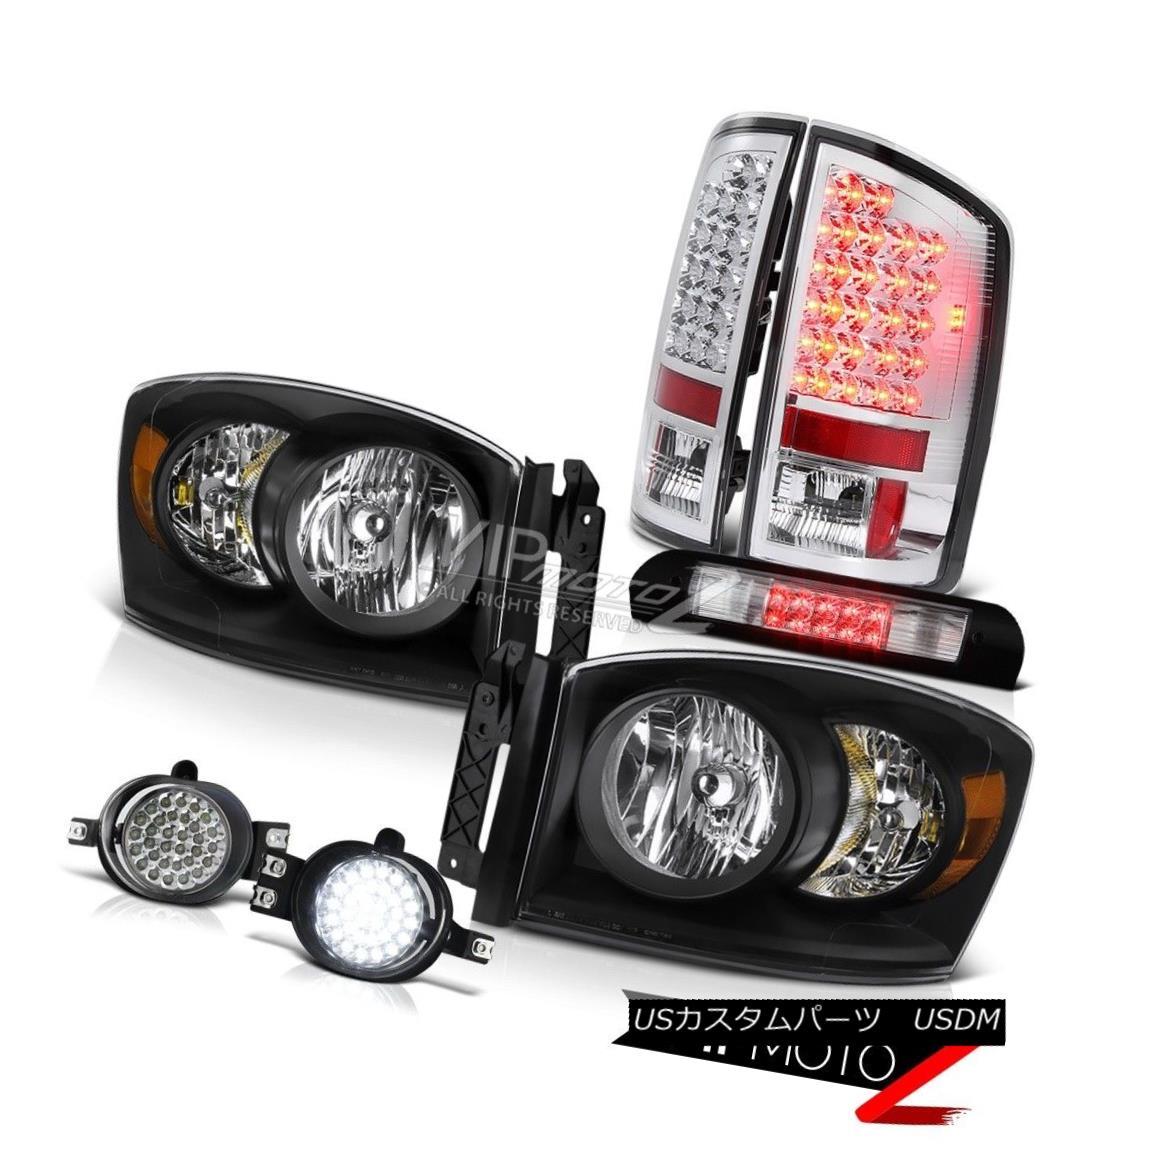 ヘッドライト Black Headlights LED Tail Lights Wiring Fog Roof Stop Clear 2006 Dodge Ram 3500 ブラックヘッドライトLEDテールライトワイヤリングフォグルーフストップクリア2006 Dodge Ram 3500